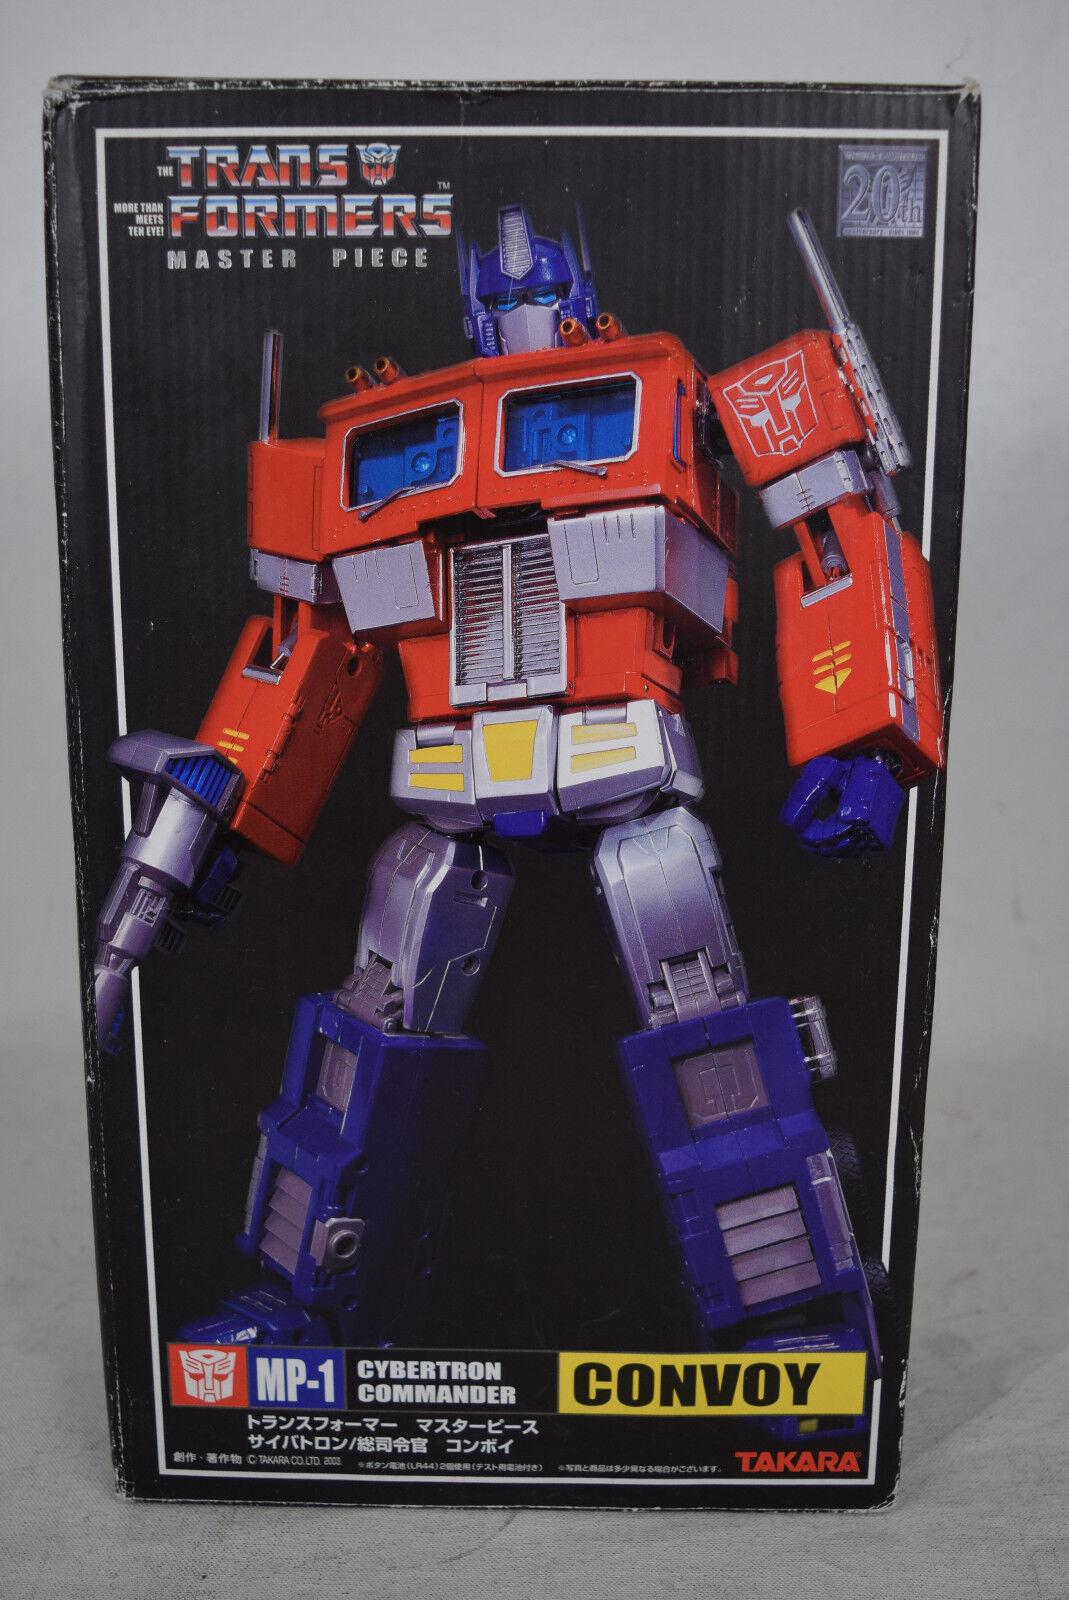 Transformers obra Mater MP-1 Cybertron comandante Convoy Optimus Prime